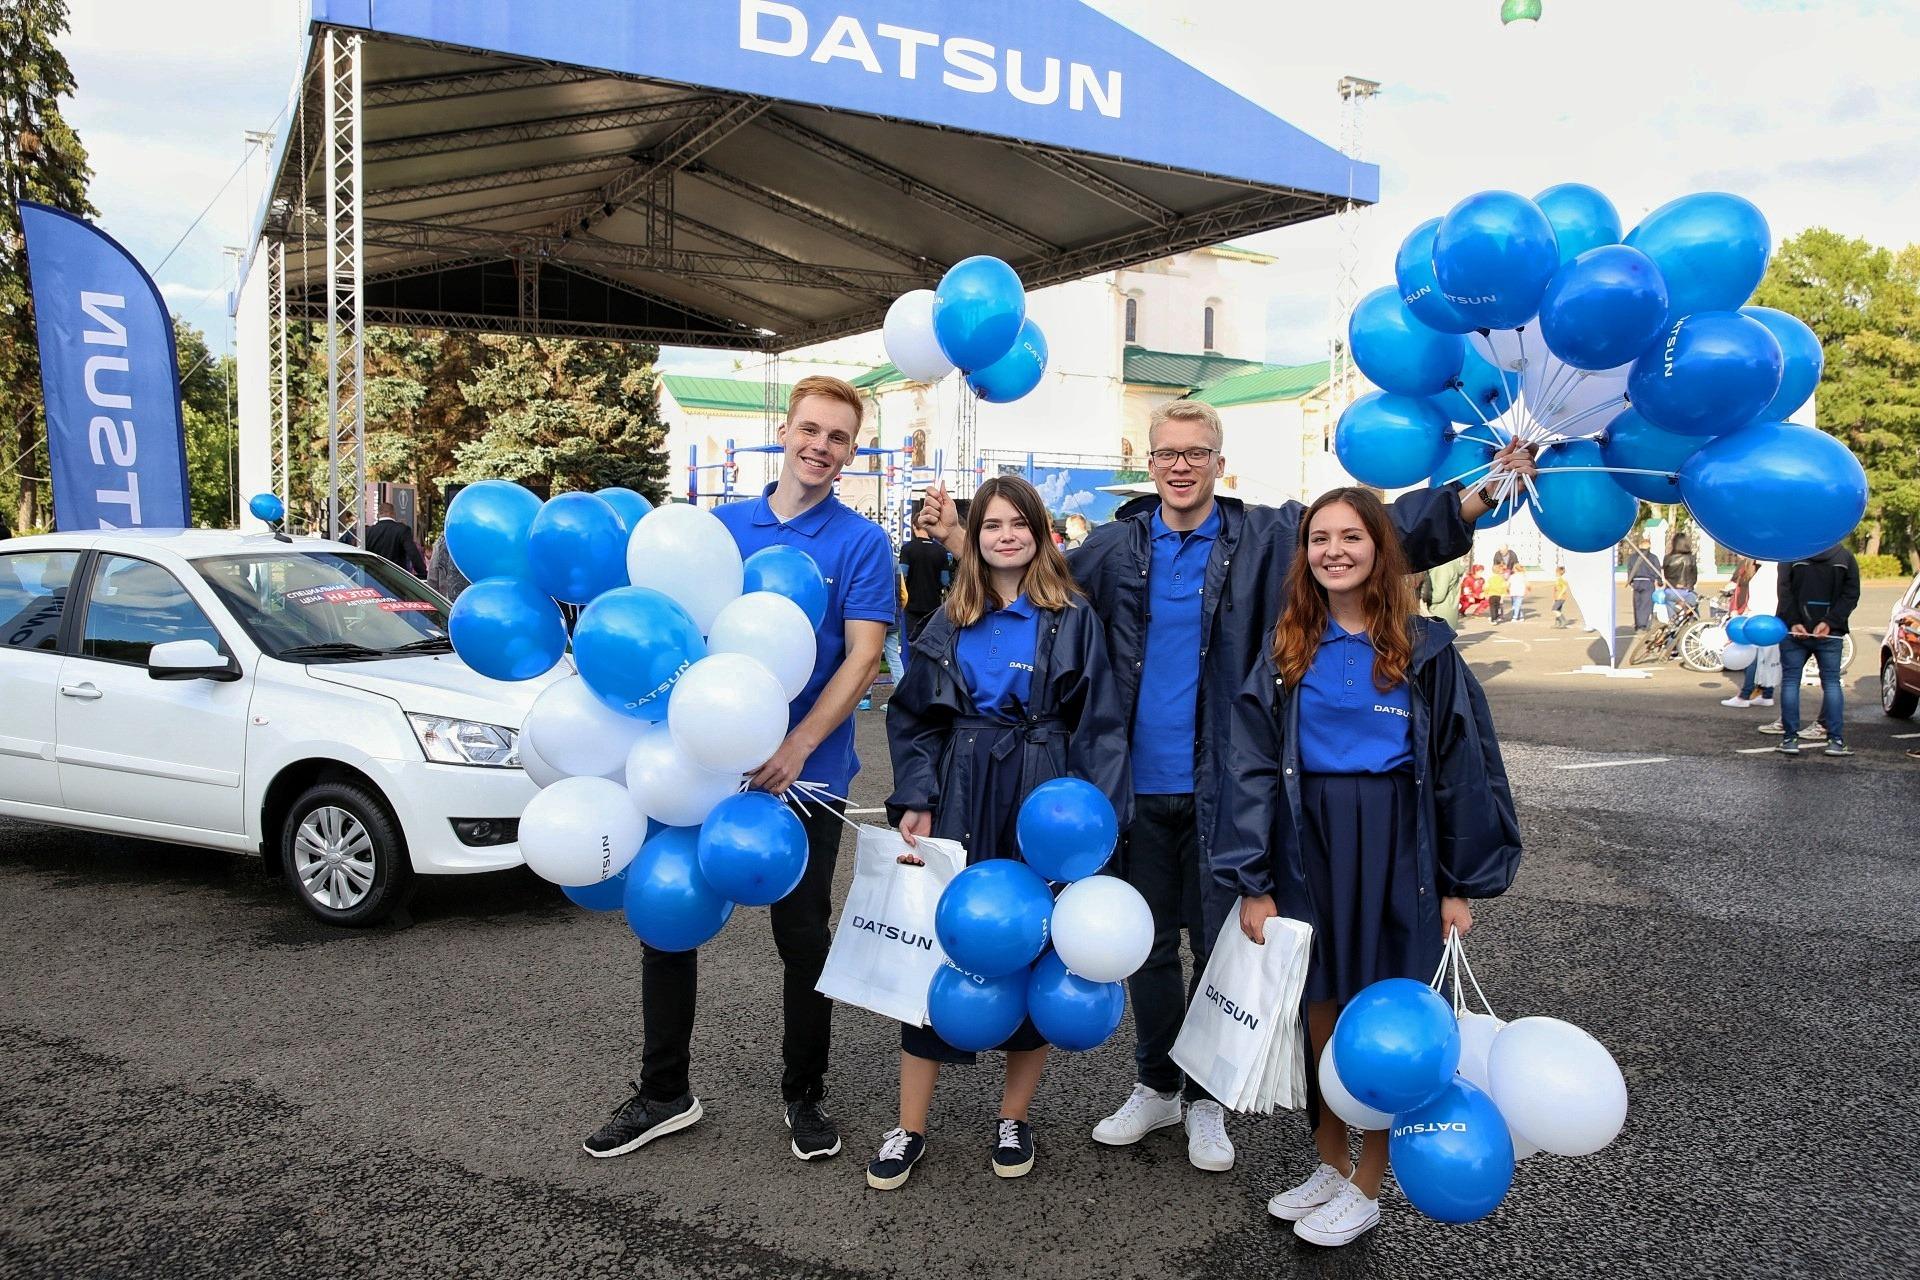 Рекорды России и море позитива. Как прошел спортивный праздник Datsun в Ярославле